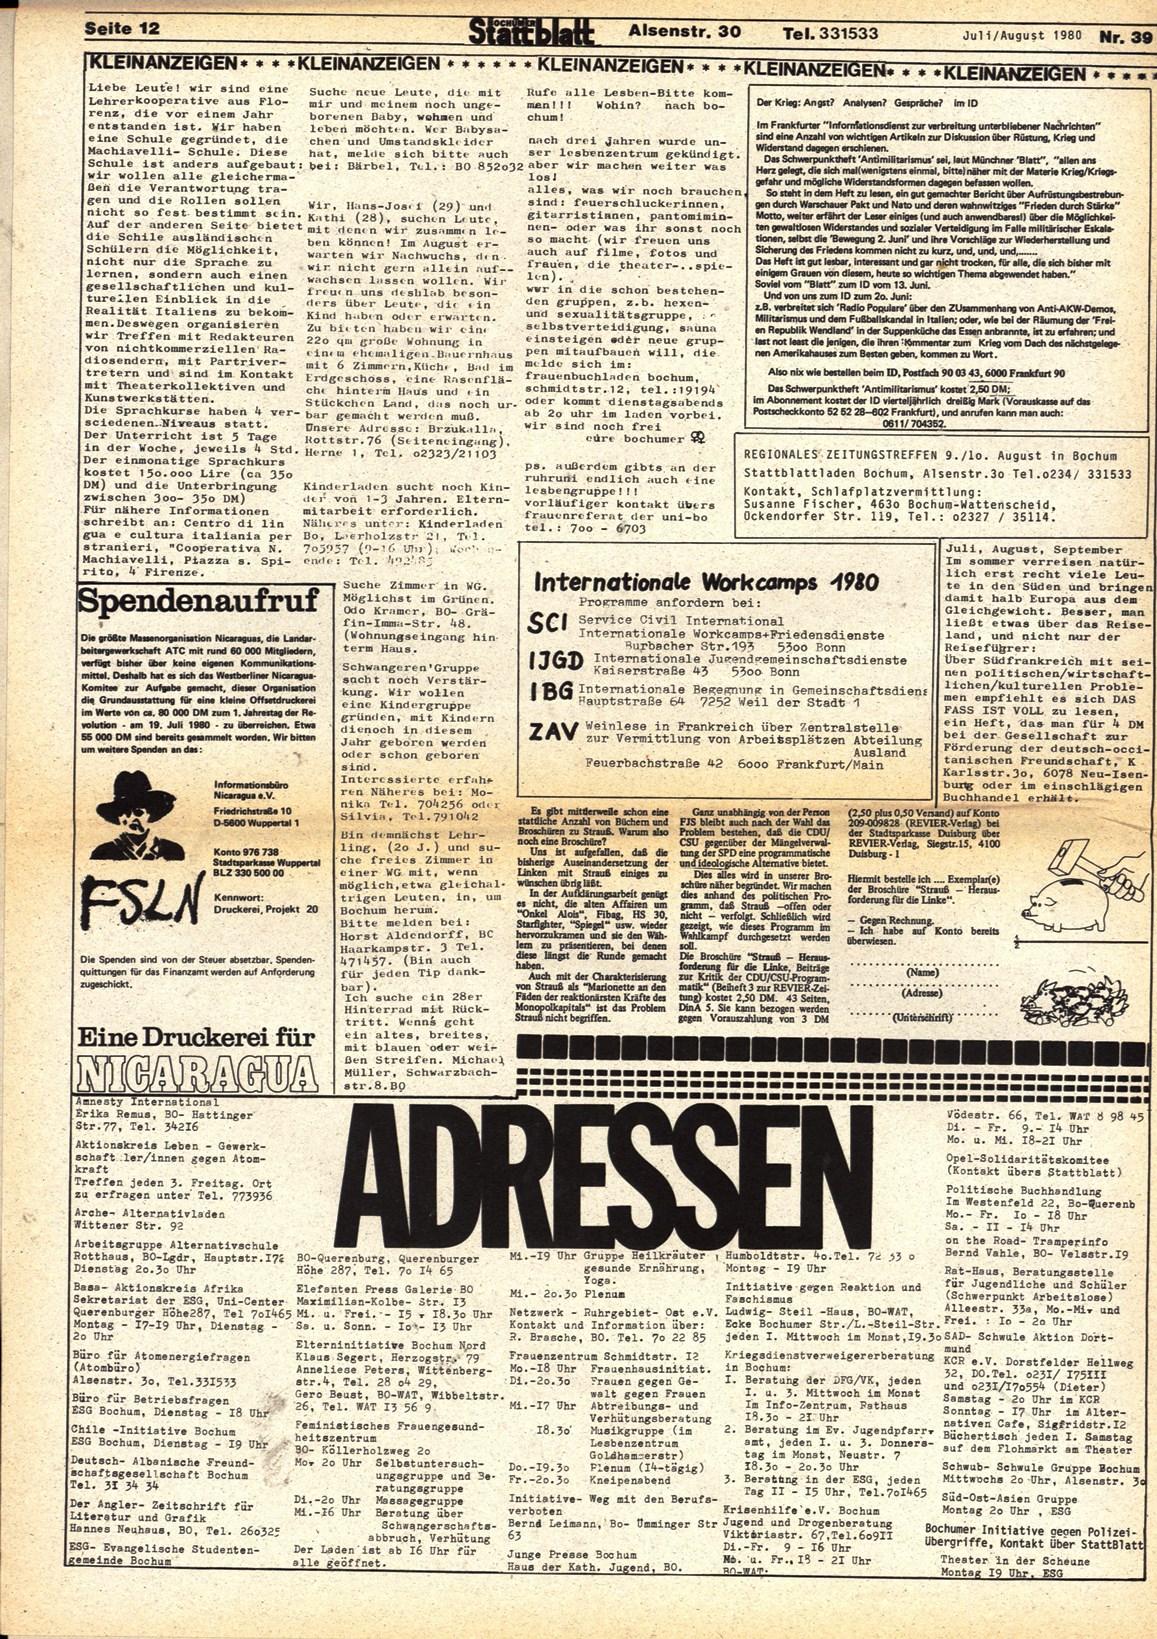 Bochum_Stattblatt_19800700_39_12